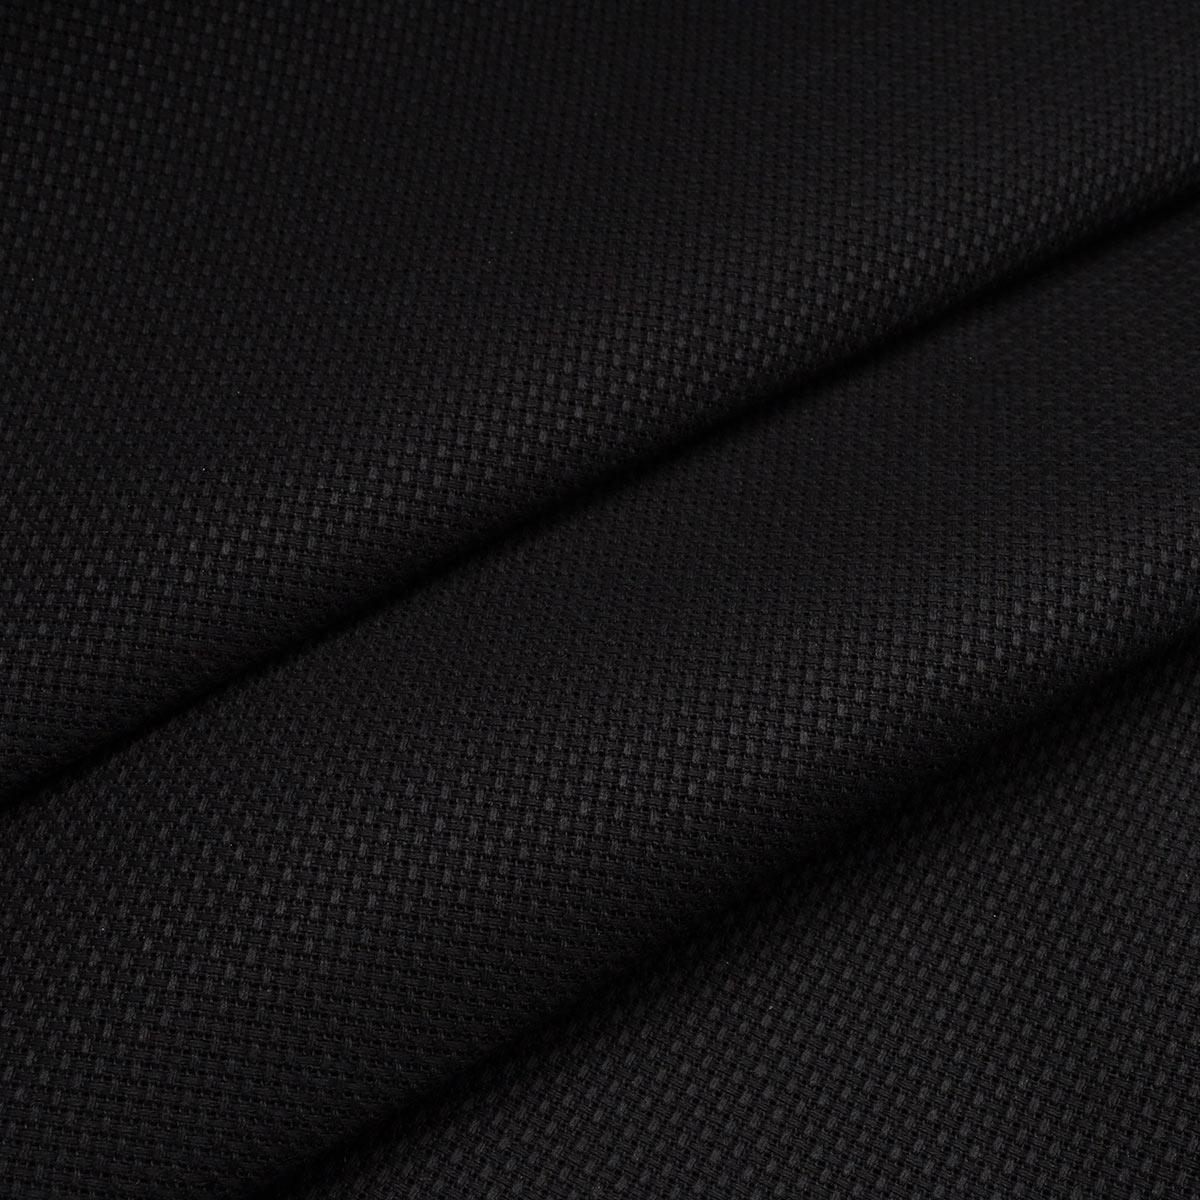 Канва 624010-14C/T 150см*5м черная Bestex